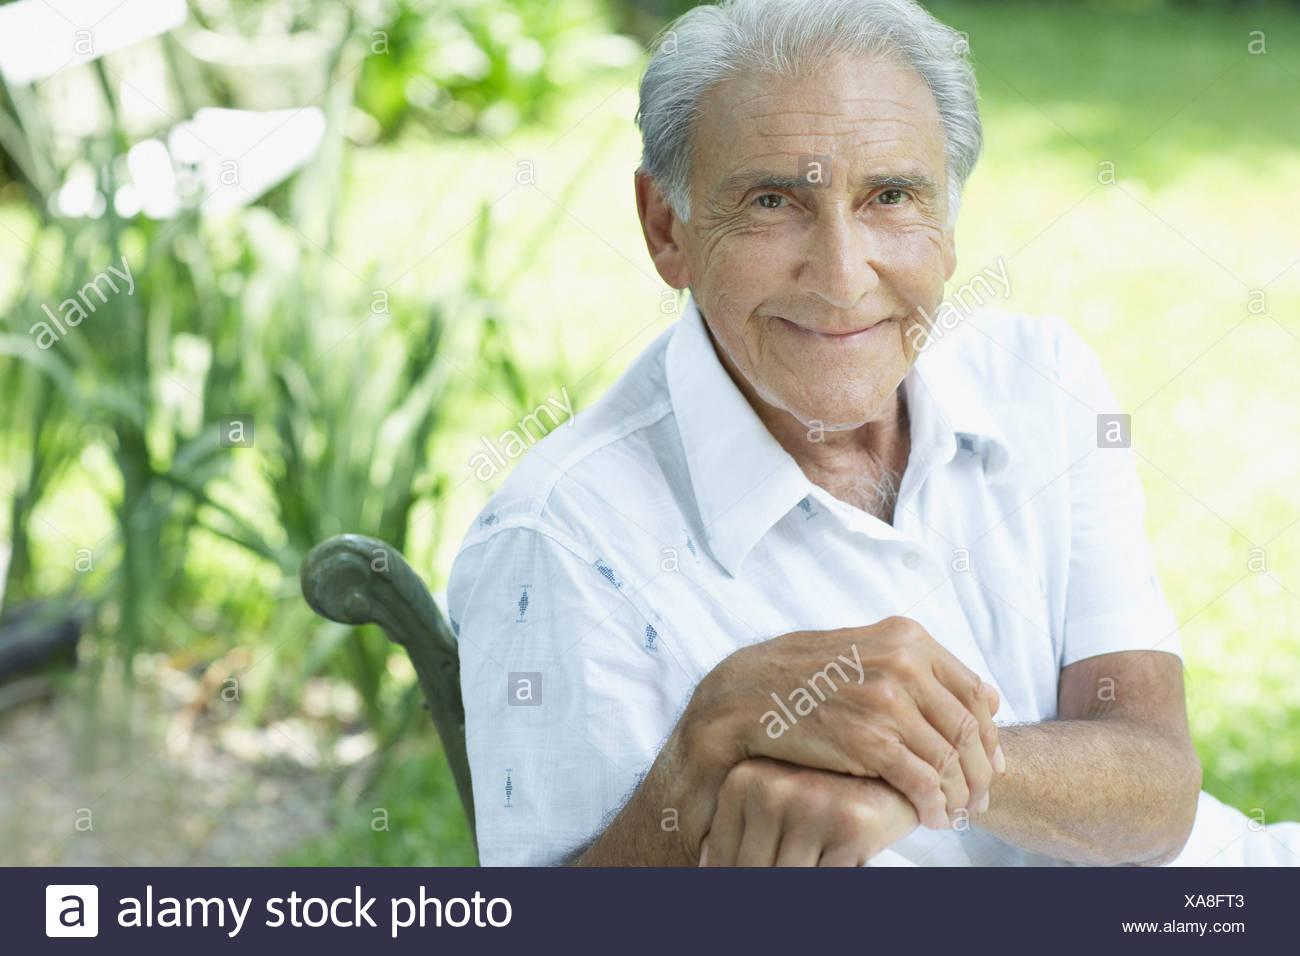 Senior man sitting outdoors smiling - Stock Image